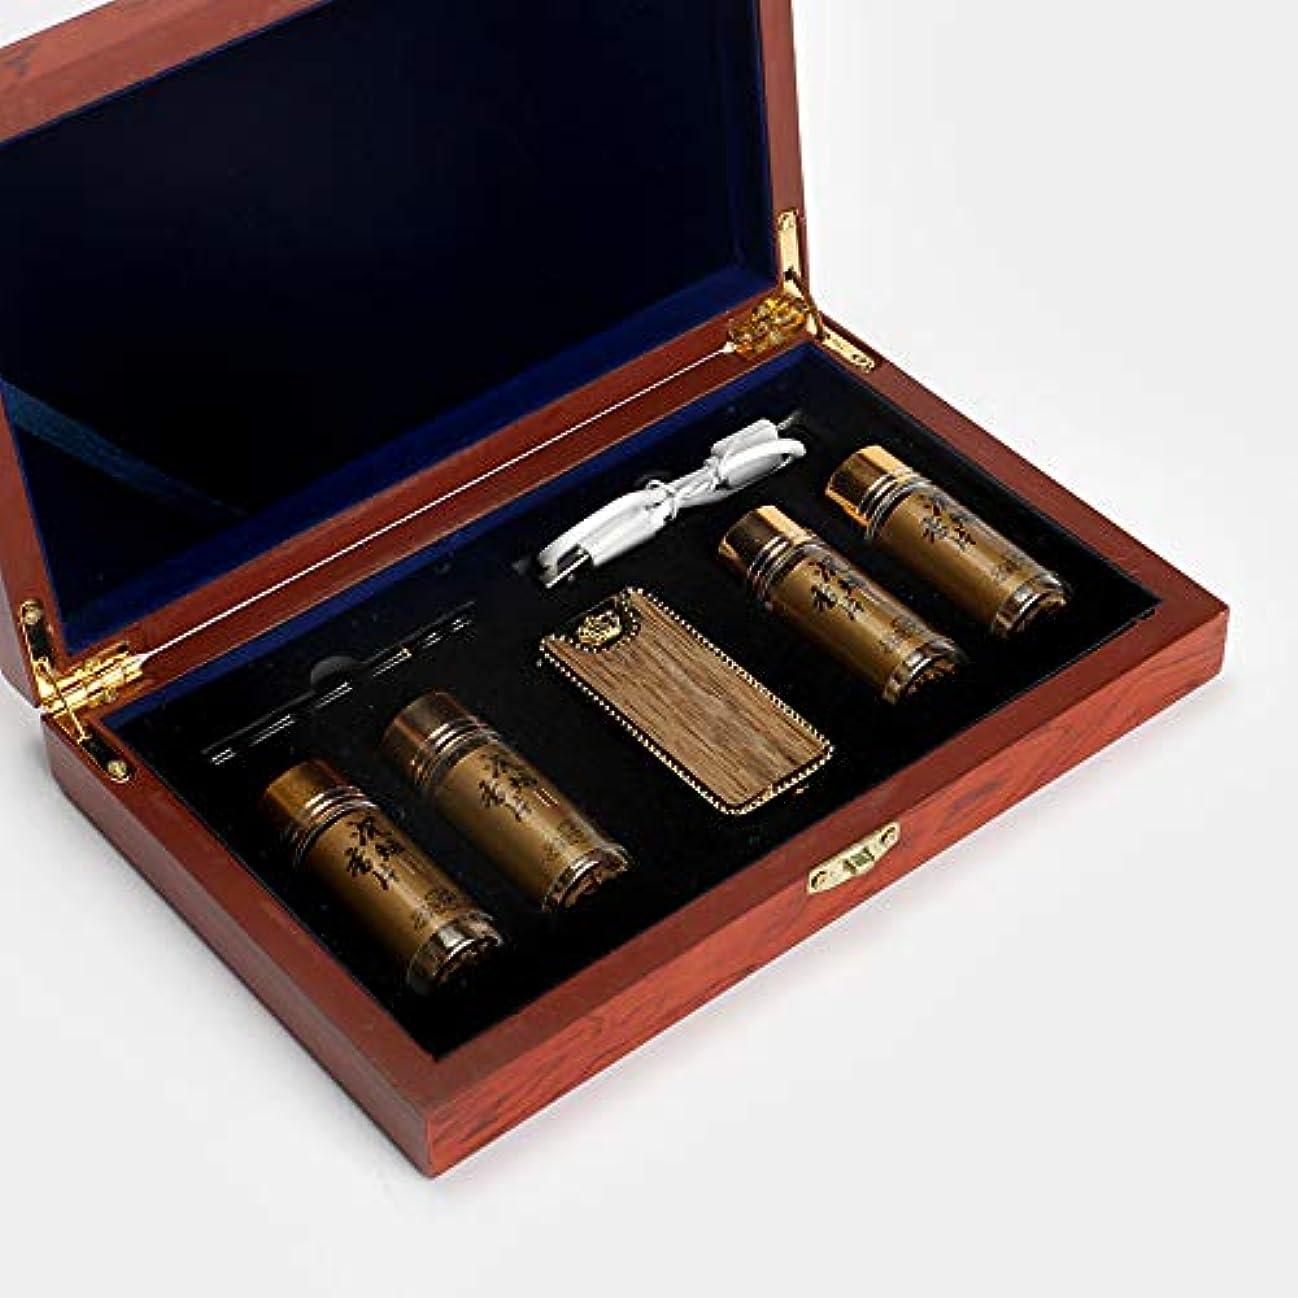 恨み報奨金教会Diatems - 五郎クラフトベトナムニャチャンシェンタバコの煙を挿入ギフトボックスShenxiang錠4本のボトル包装